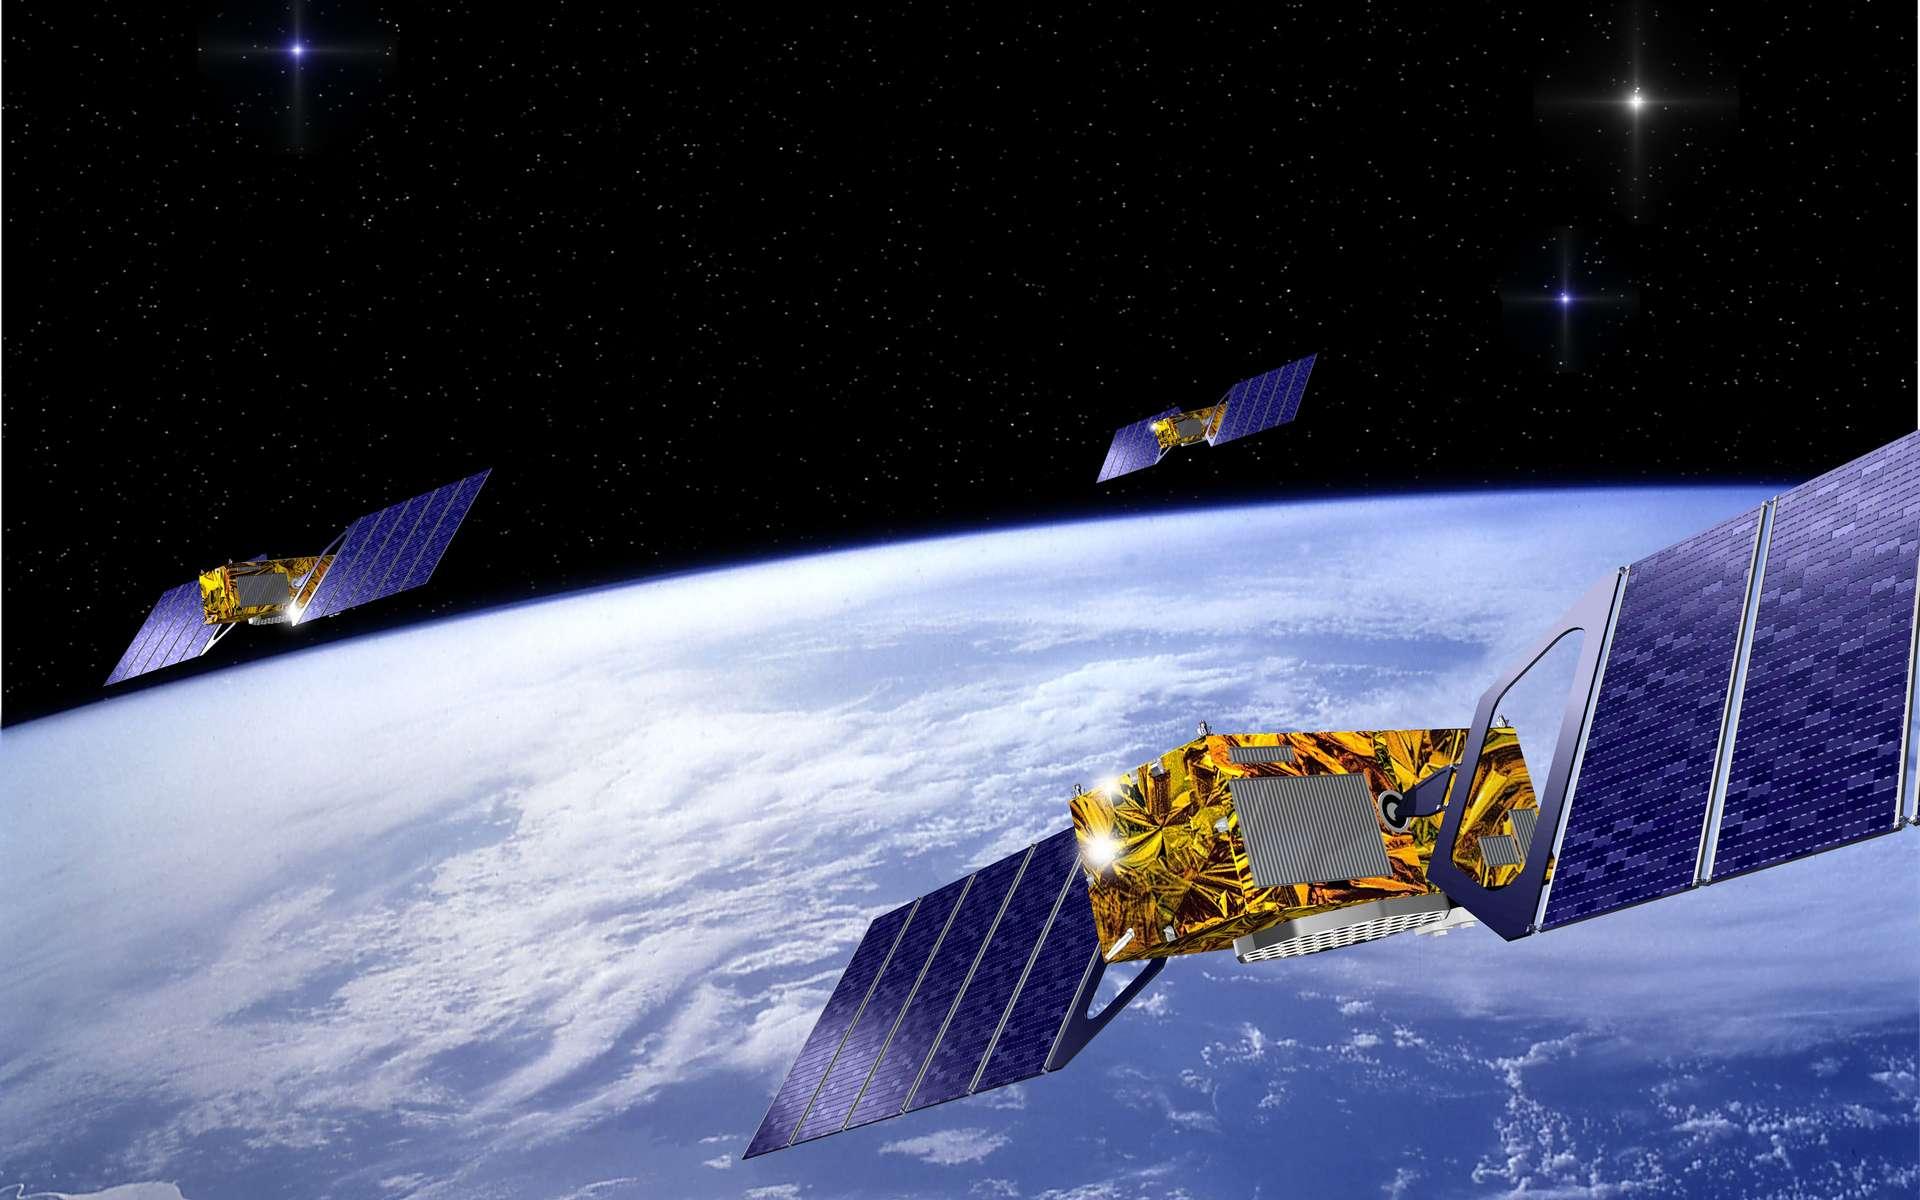 Le système de positionnement par satellites européen baptisé Galileo, équivalent du GPS américain, comportera à terme 30 satellites. © ESA / J.Huart